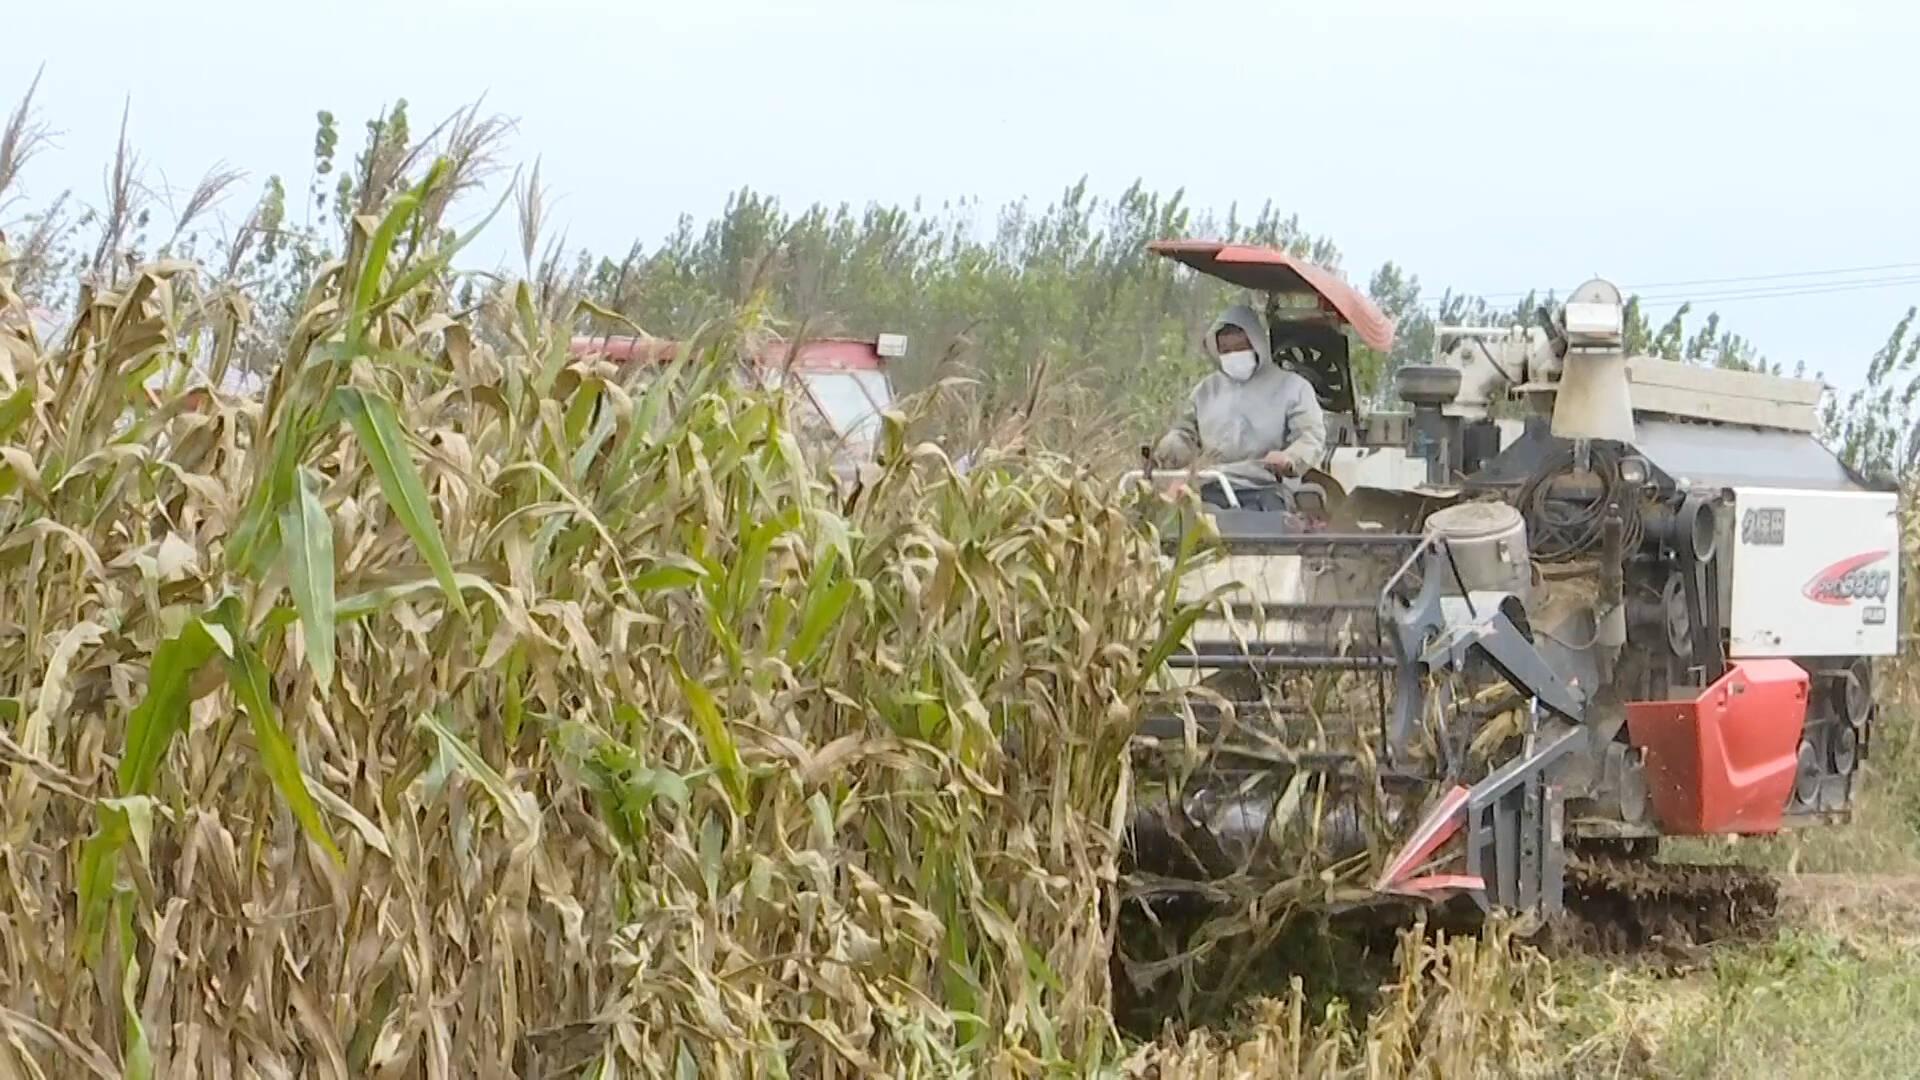 德州乐陵:各部门积极行动 助力农民抢收抢种